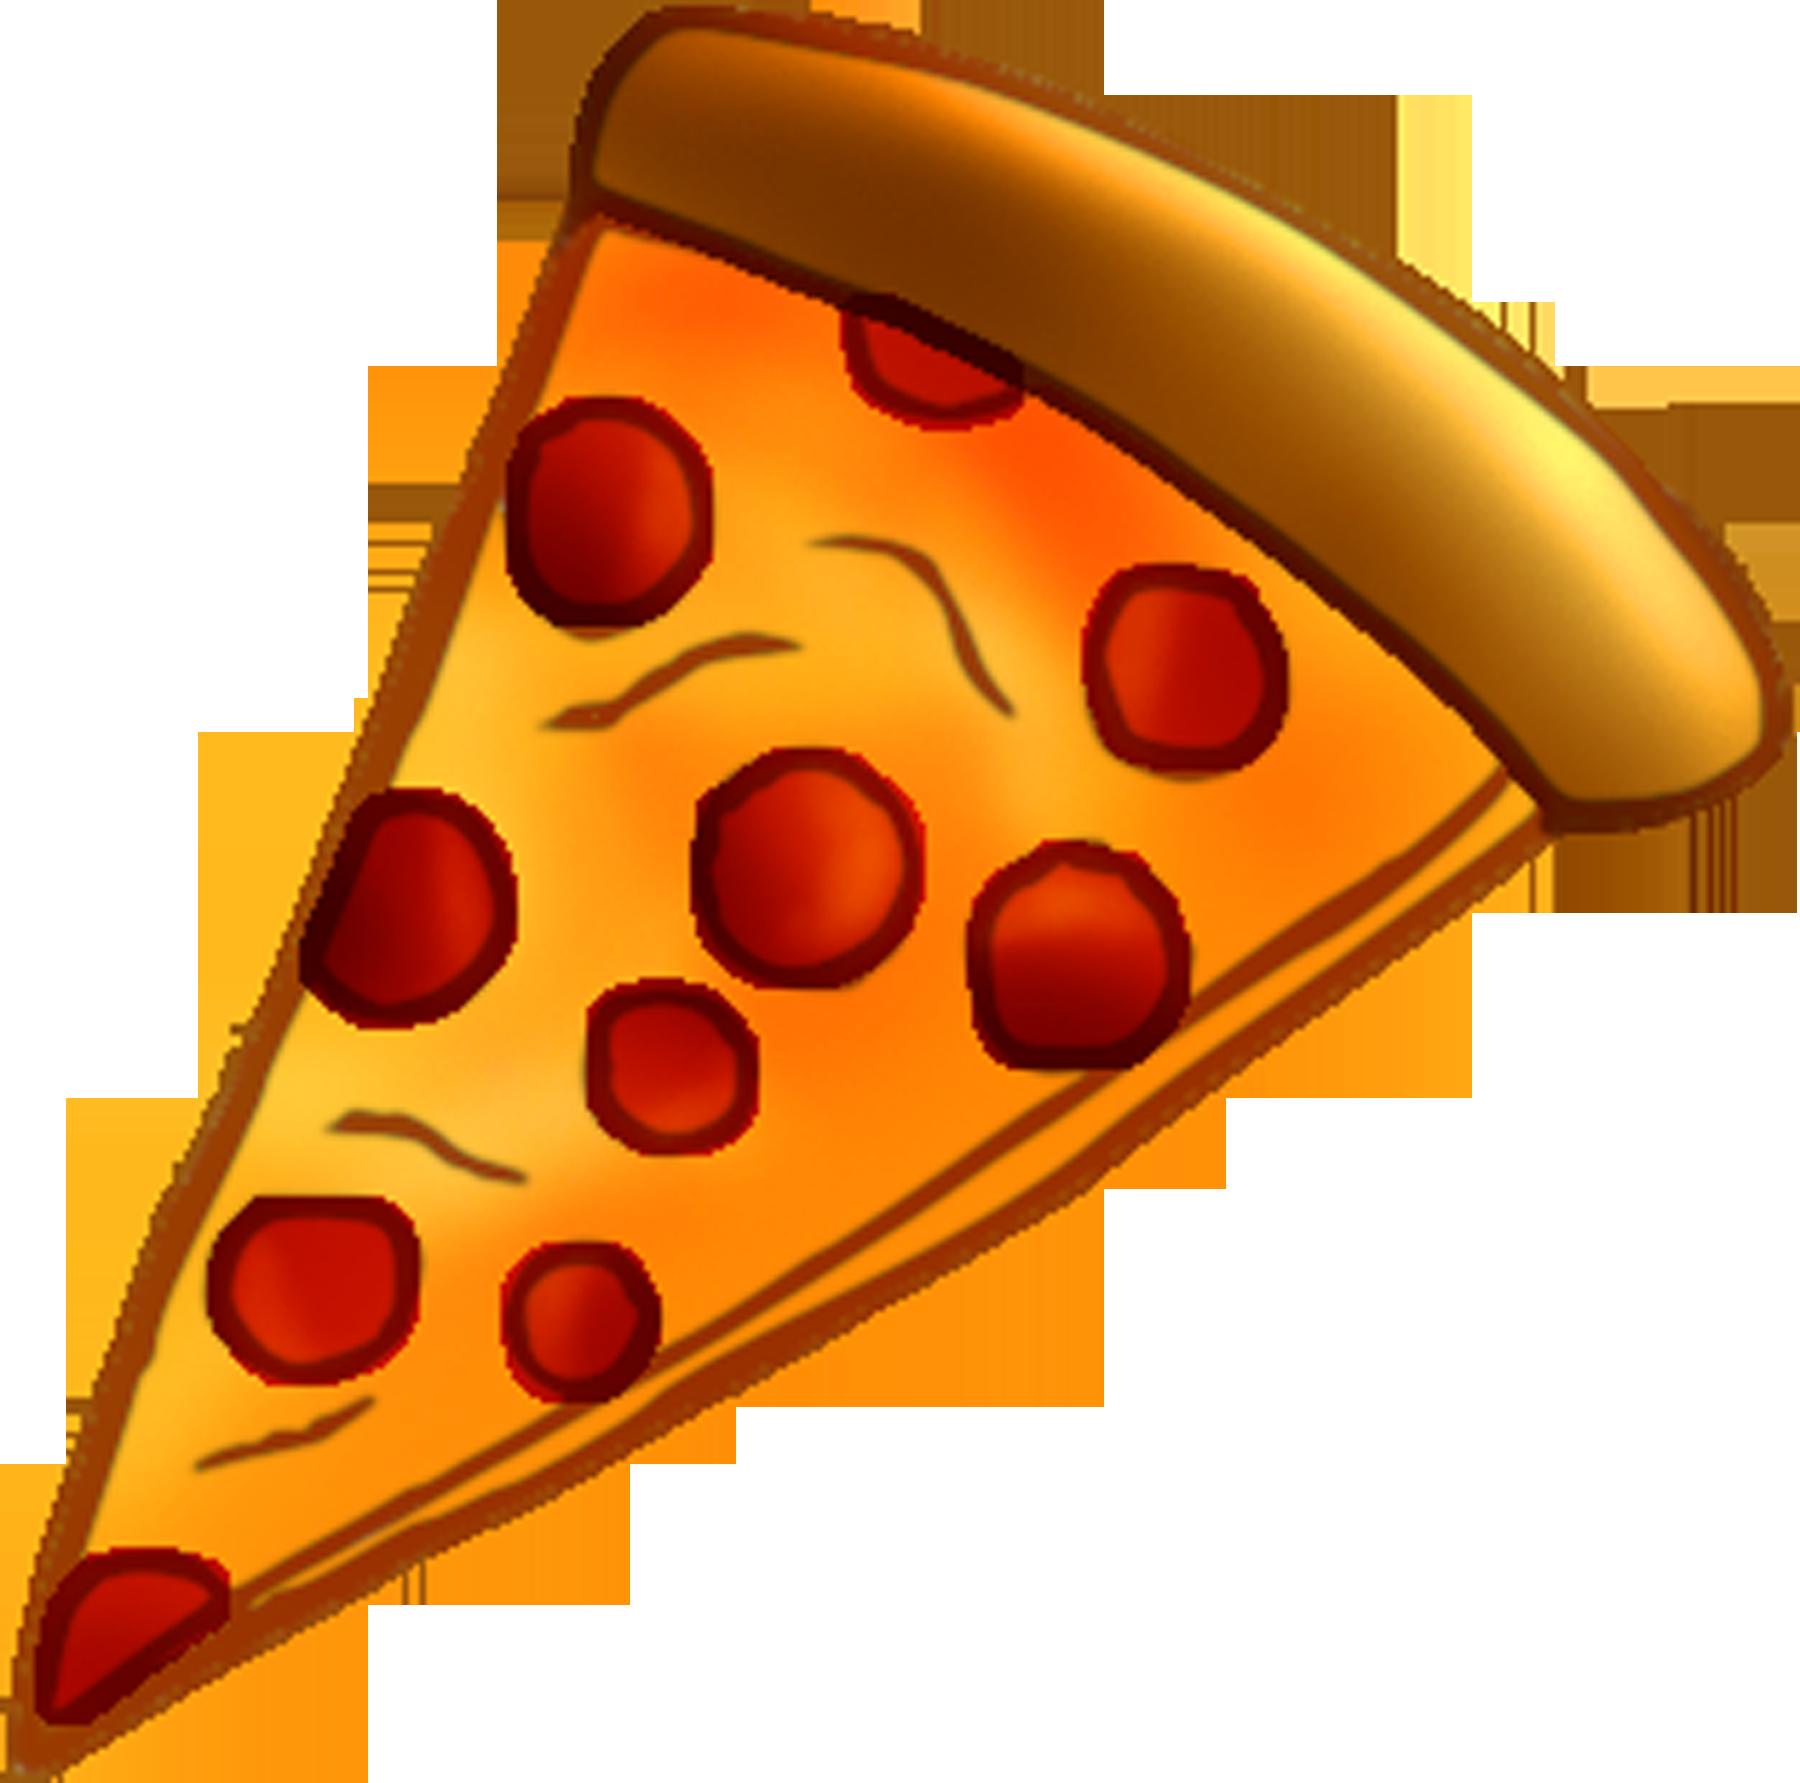 Pizza Slice Clipart-Pizza Slice Clipart-14